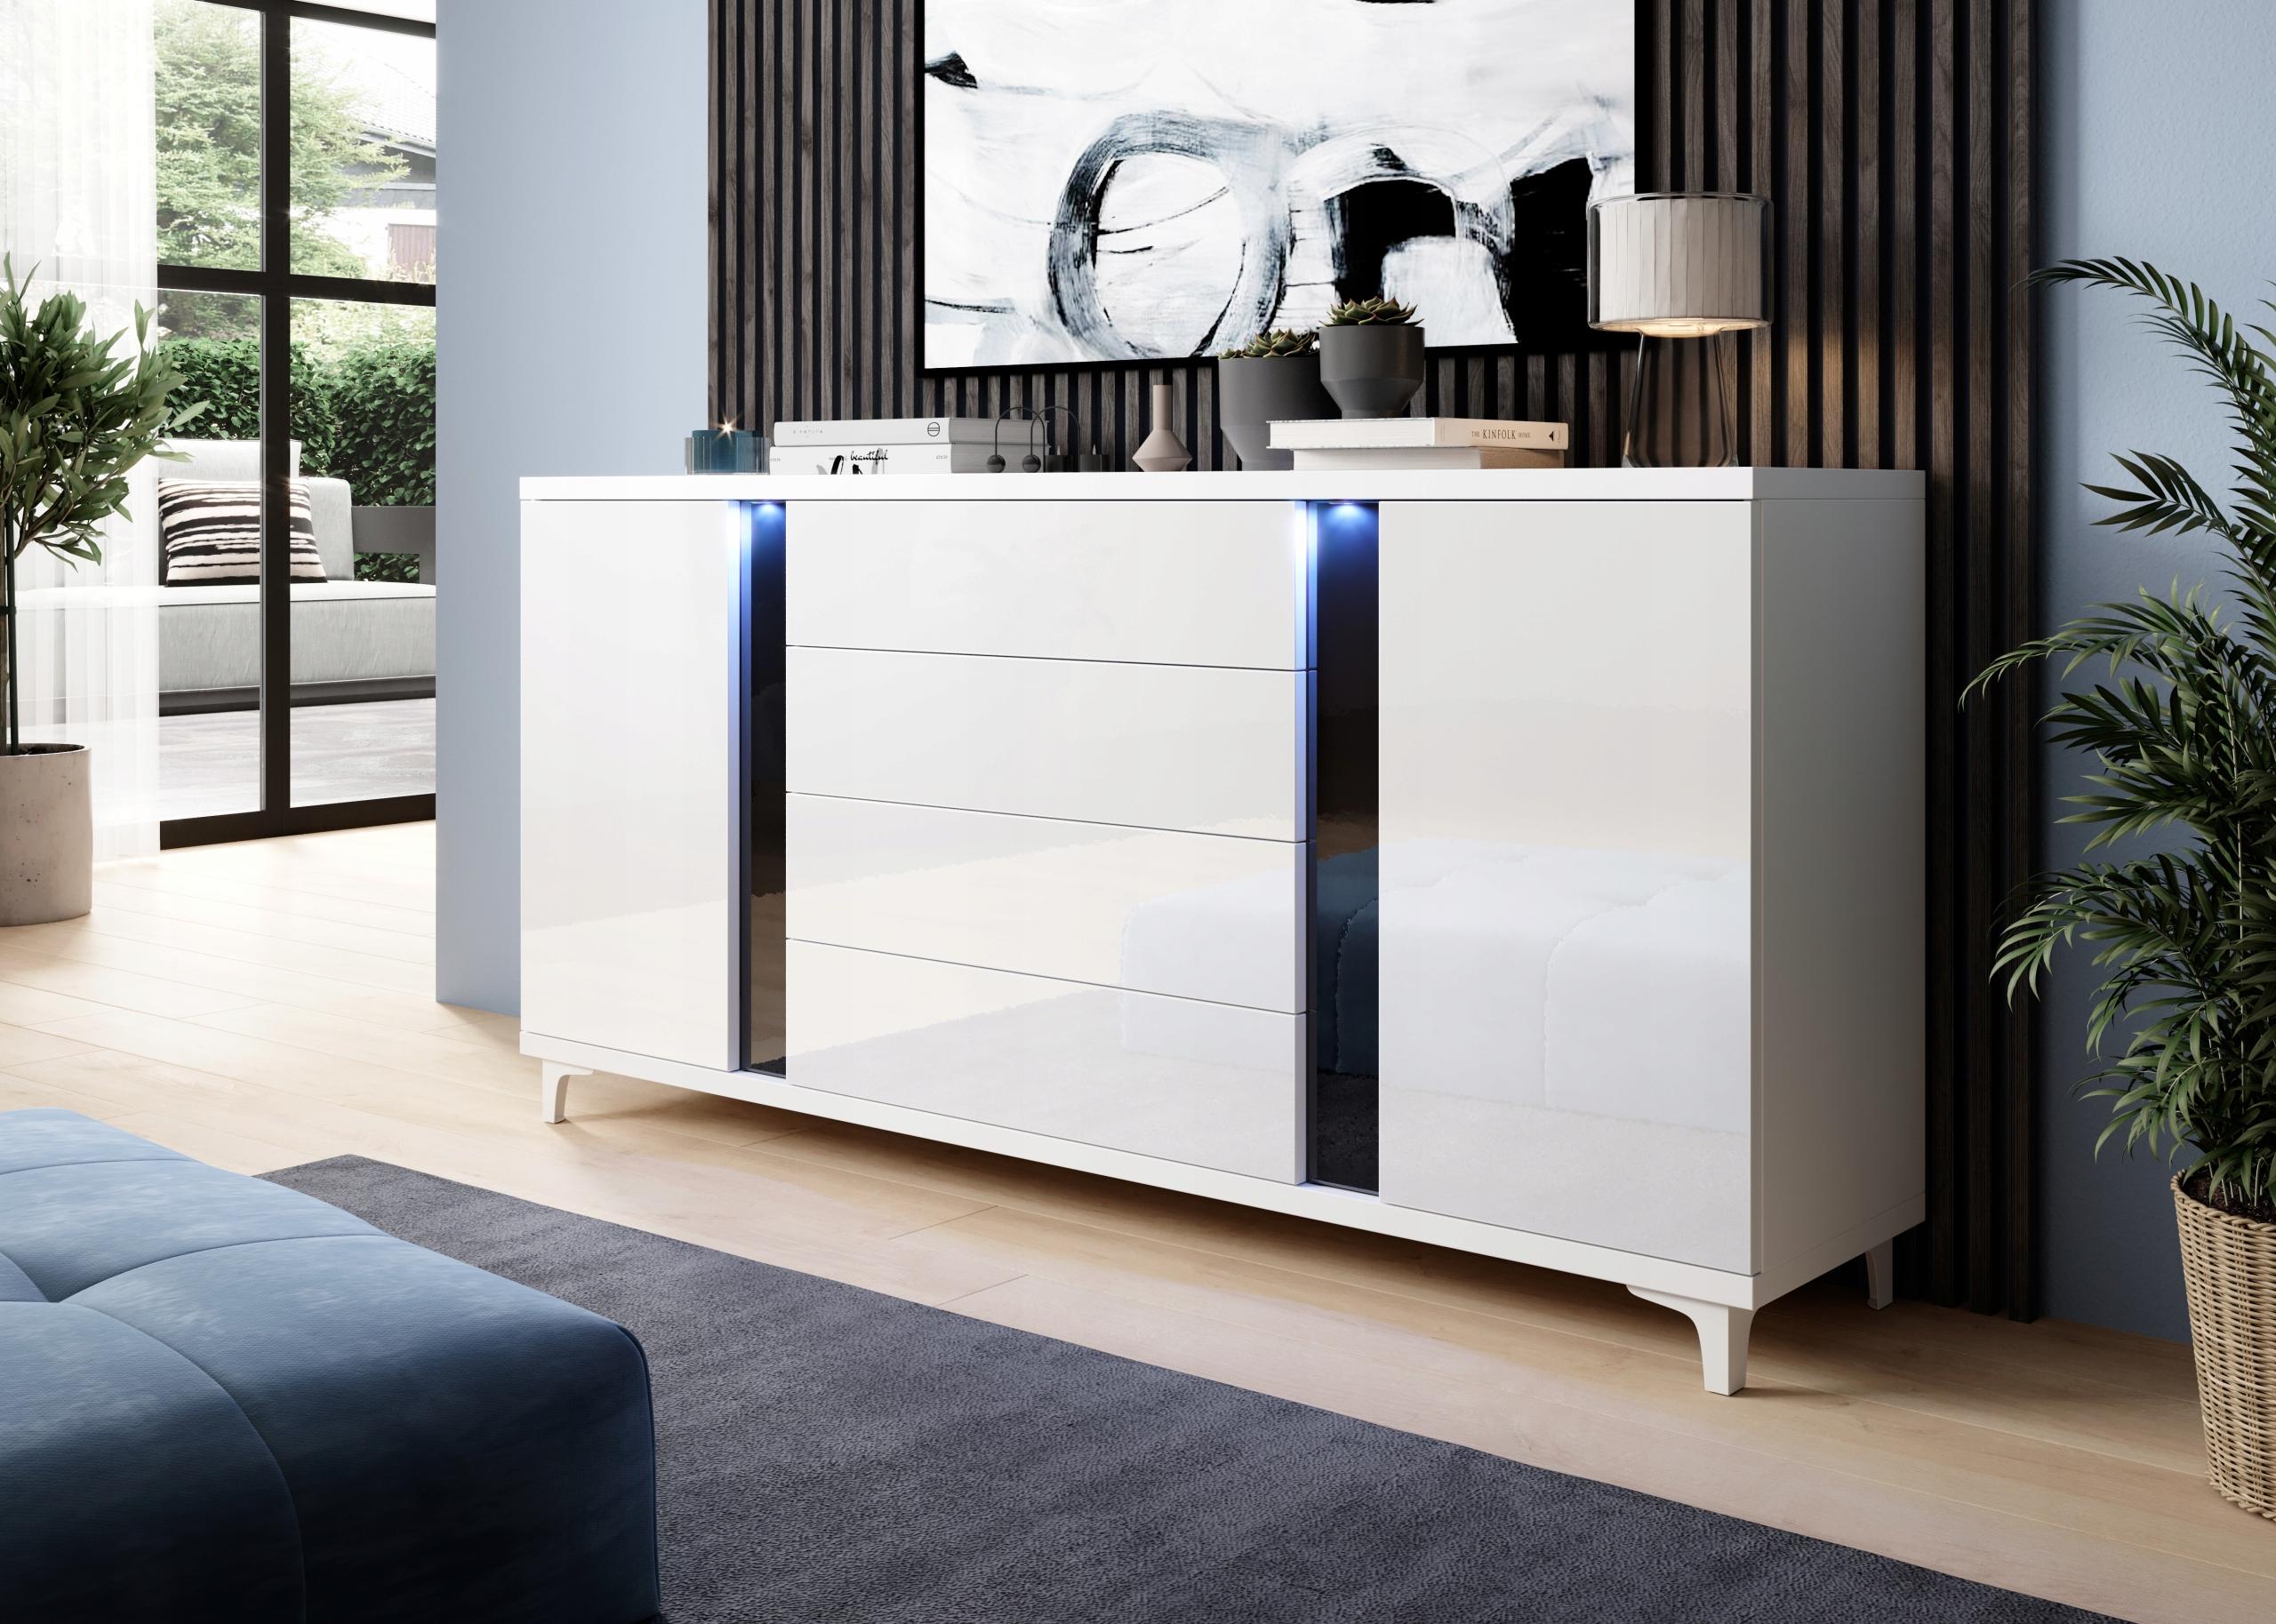 Большой комод MOGAN 180 см - High Gloss со светодиодной подсветкой